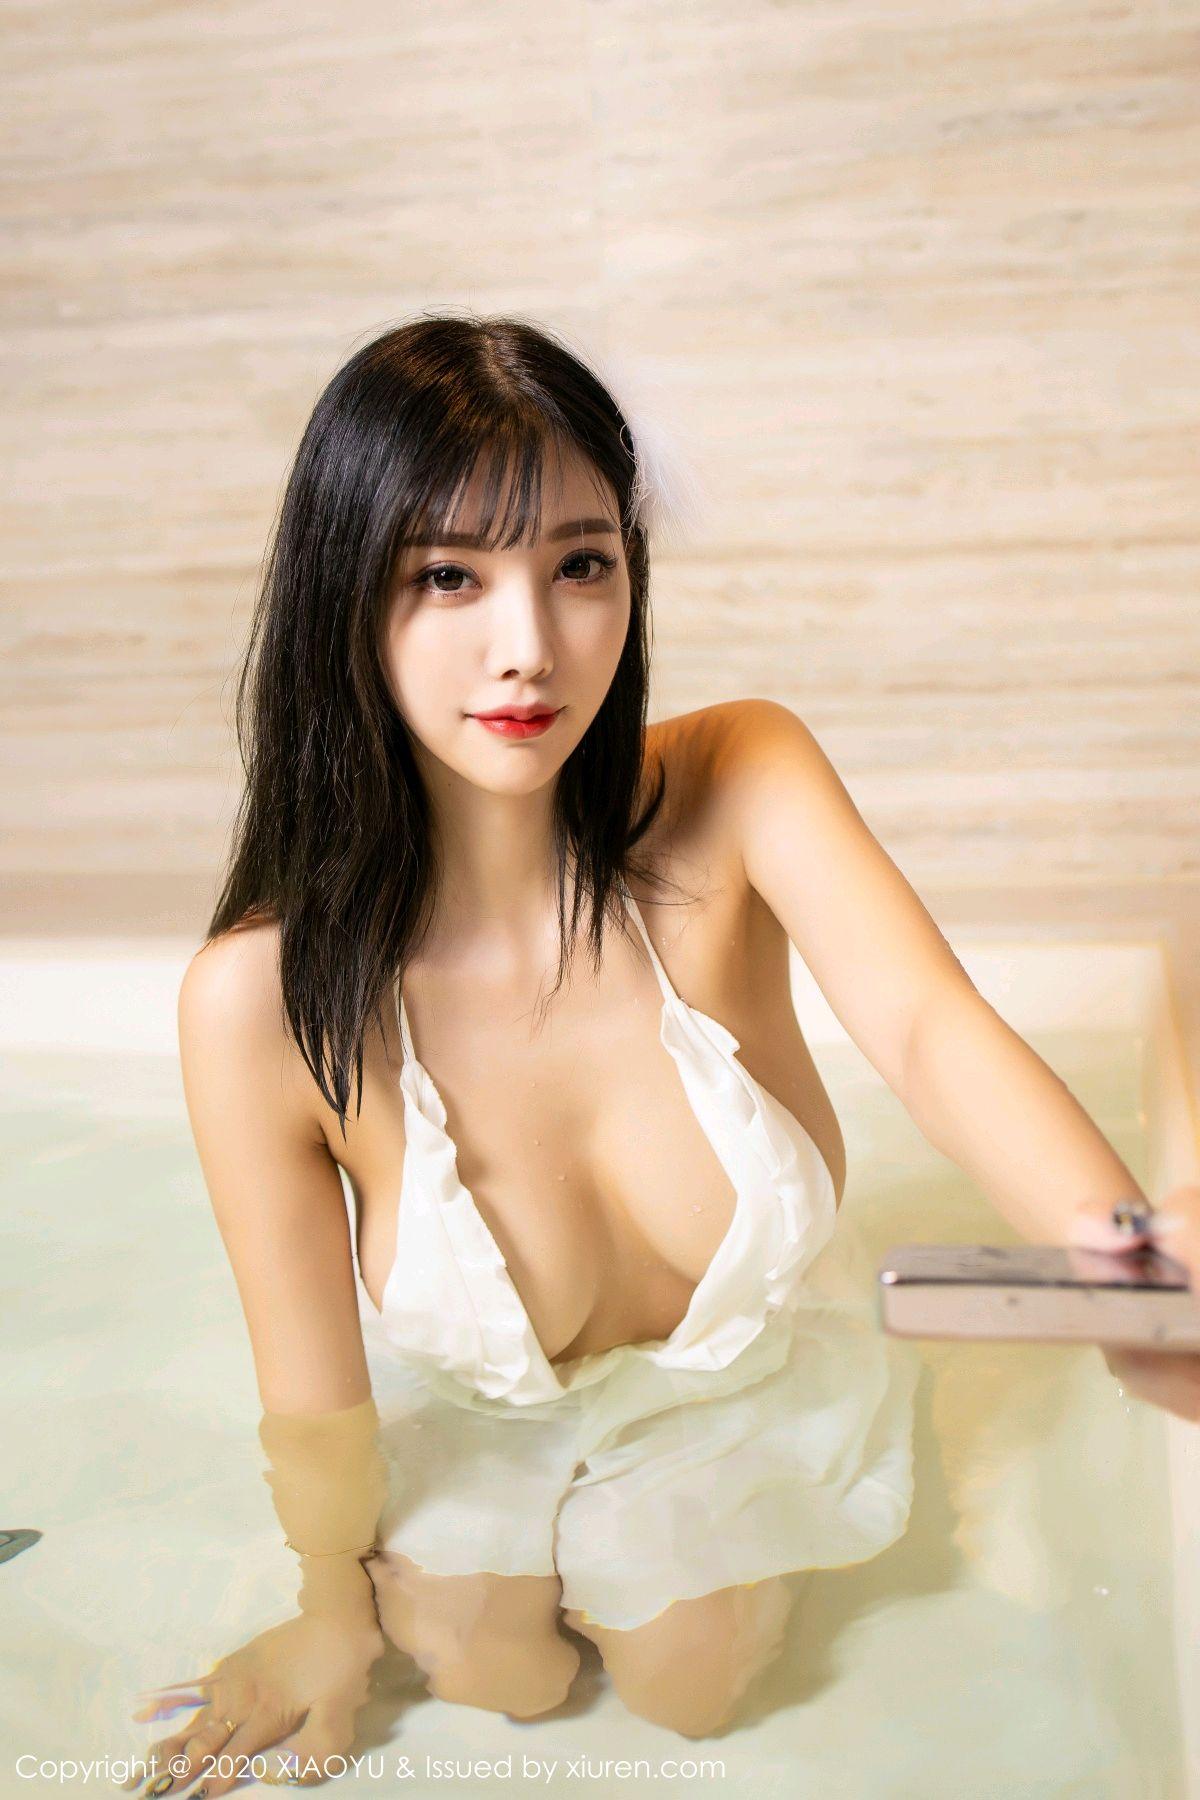 [XiaoYu] Vol.234 Yang Chen Chen 24P, Wet, XiaoYu, Yang Chen Chen